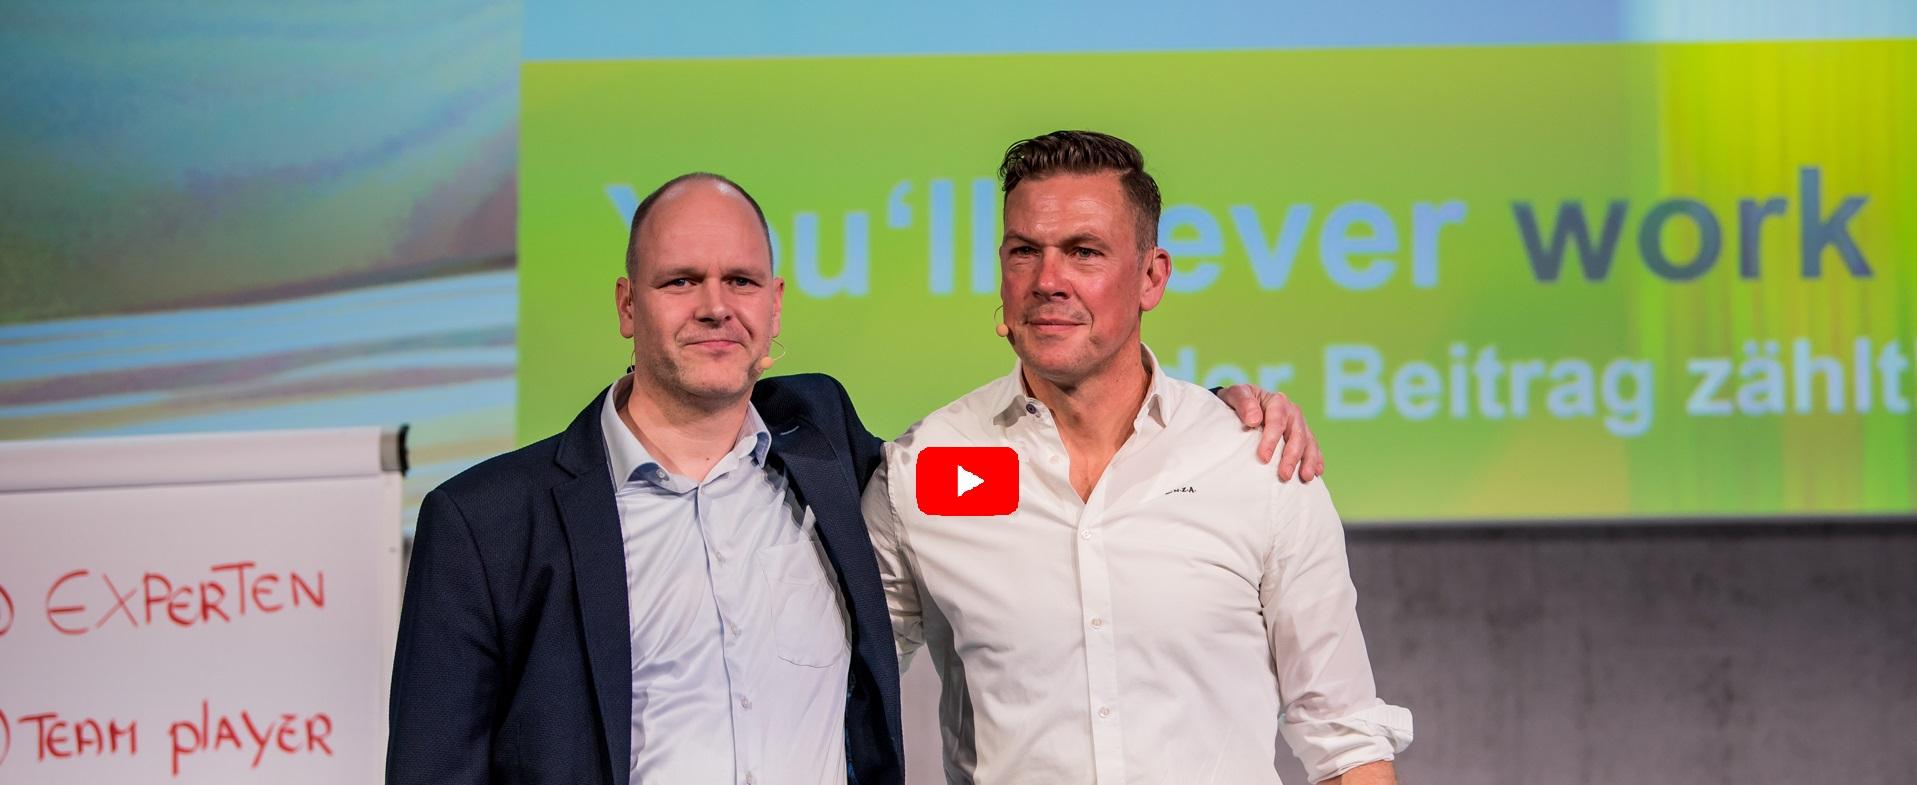 Diversity Speaker live auf der Bühne - Dr. Schmitz und Erik Meijer